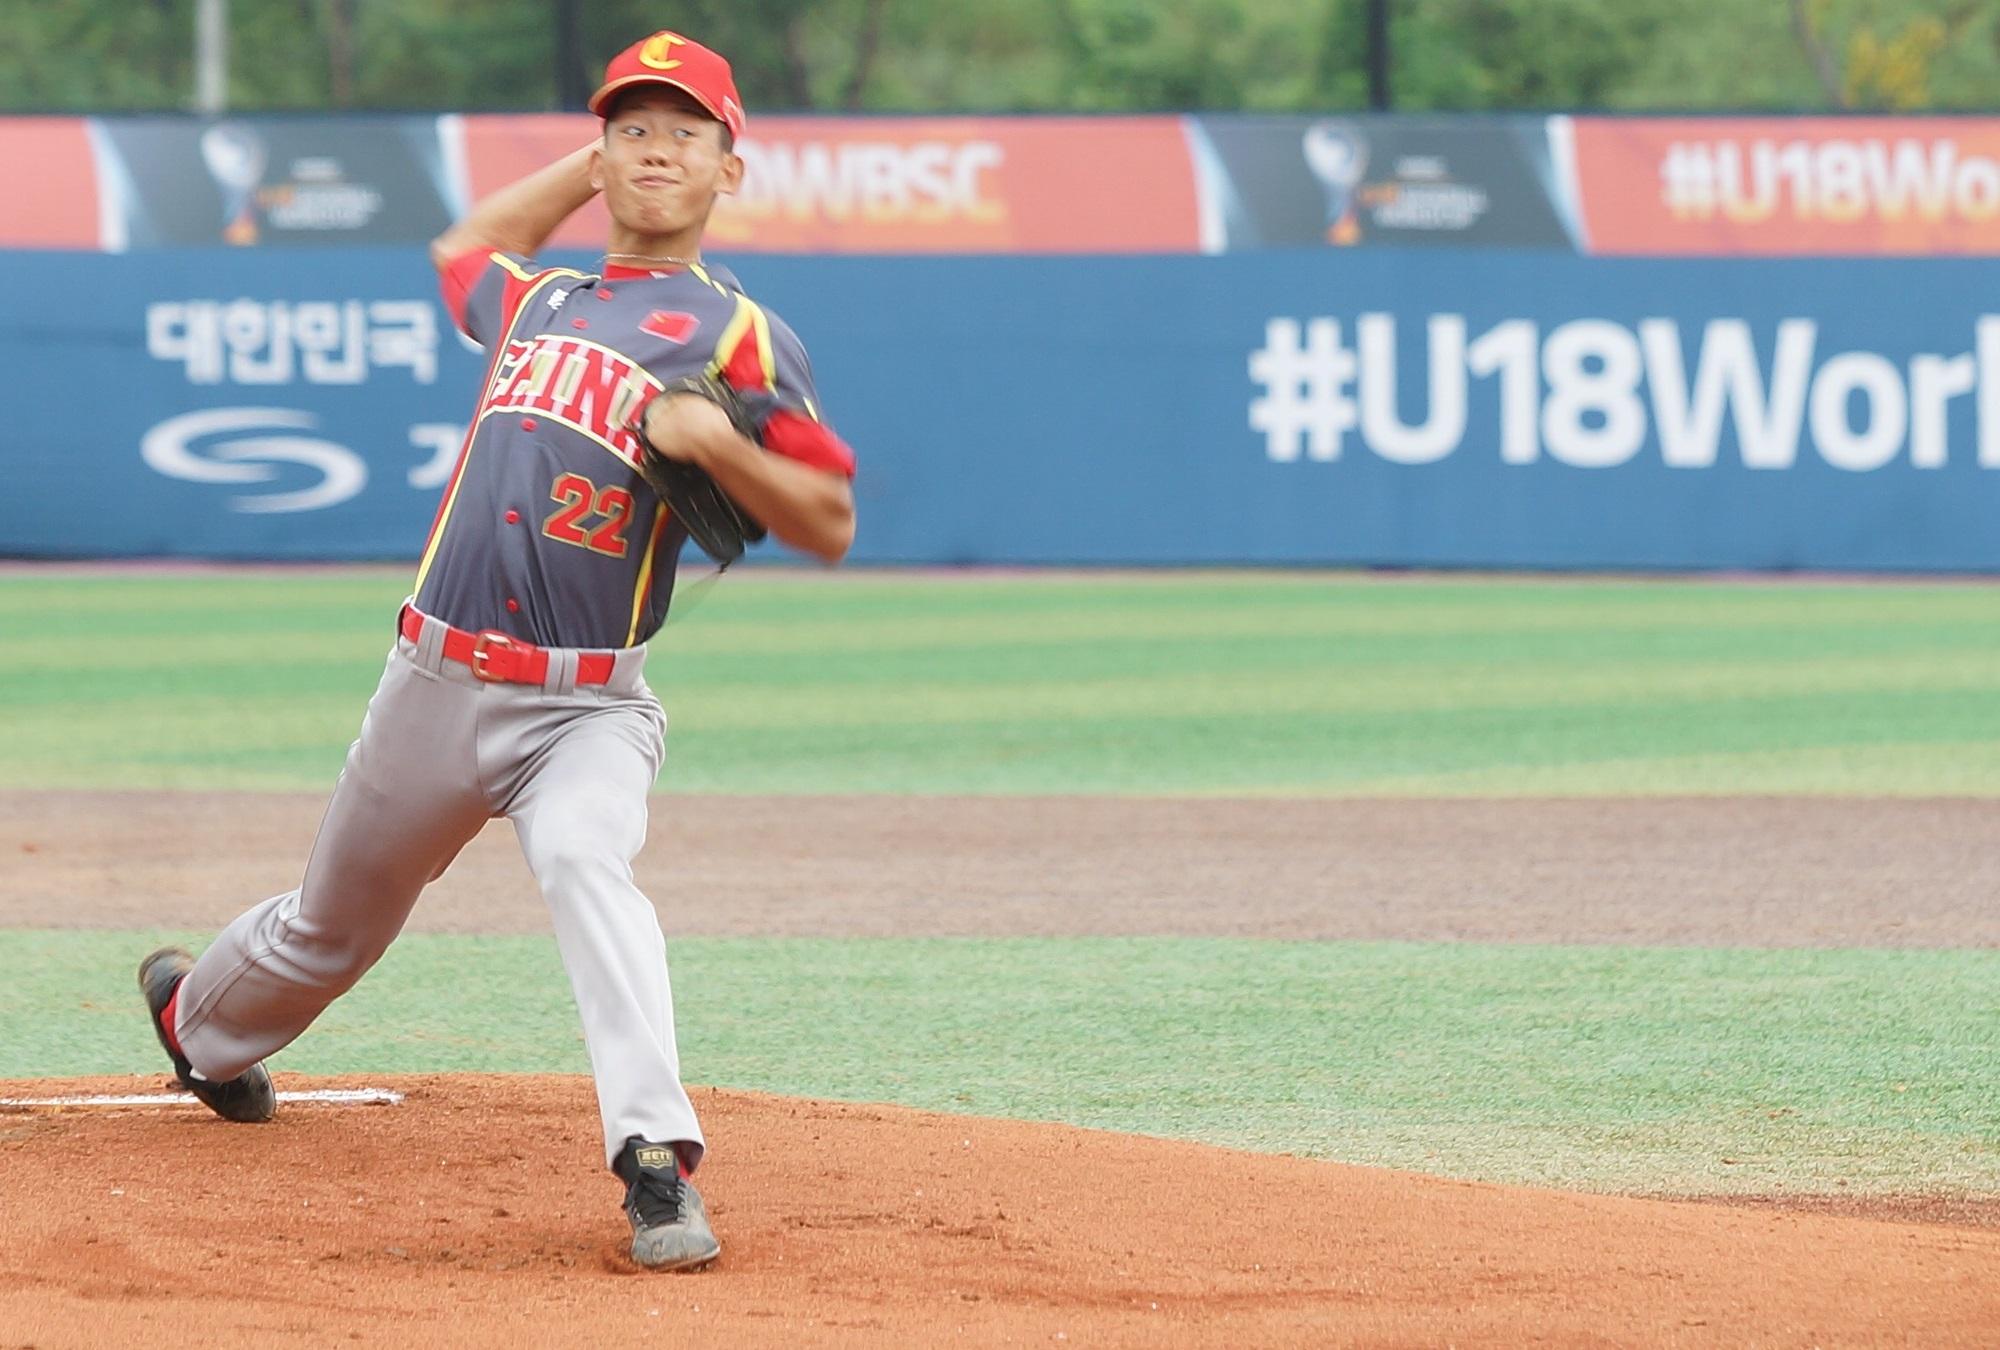 China's Zhang Yifei